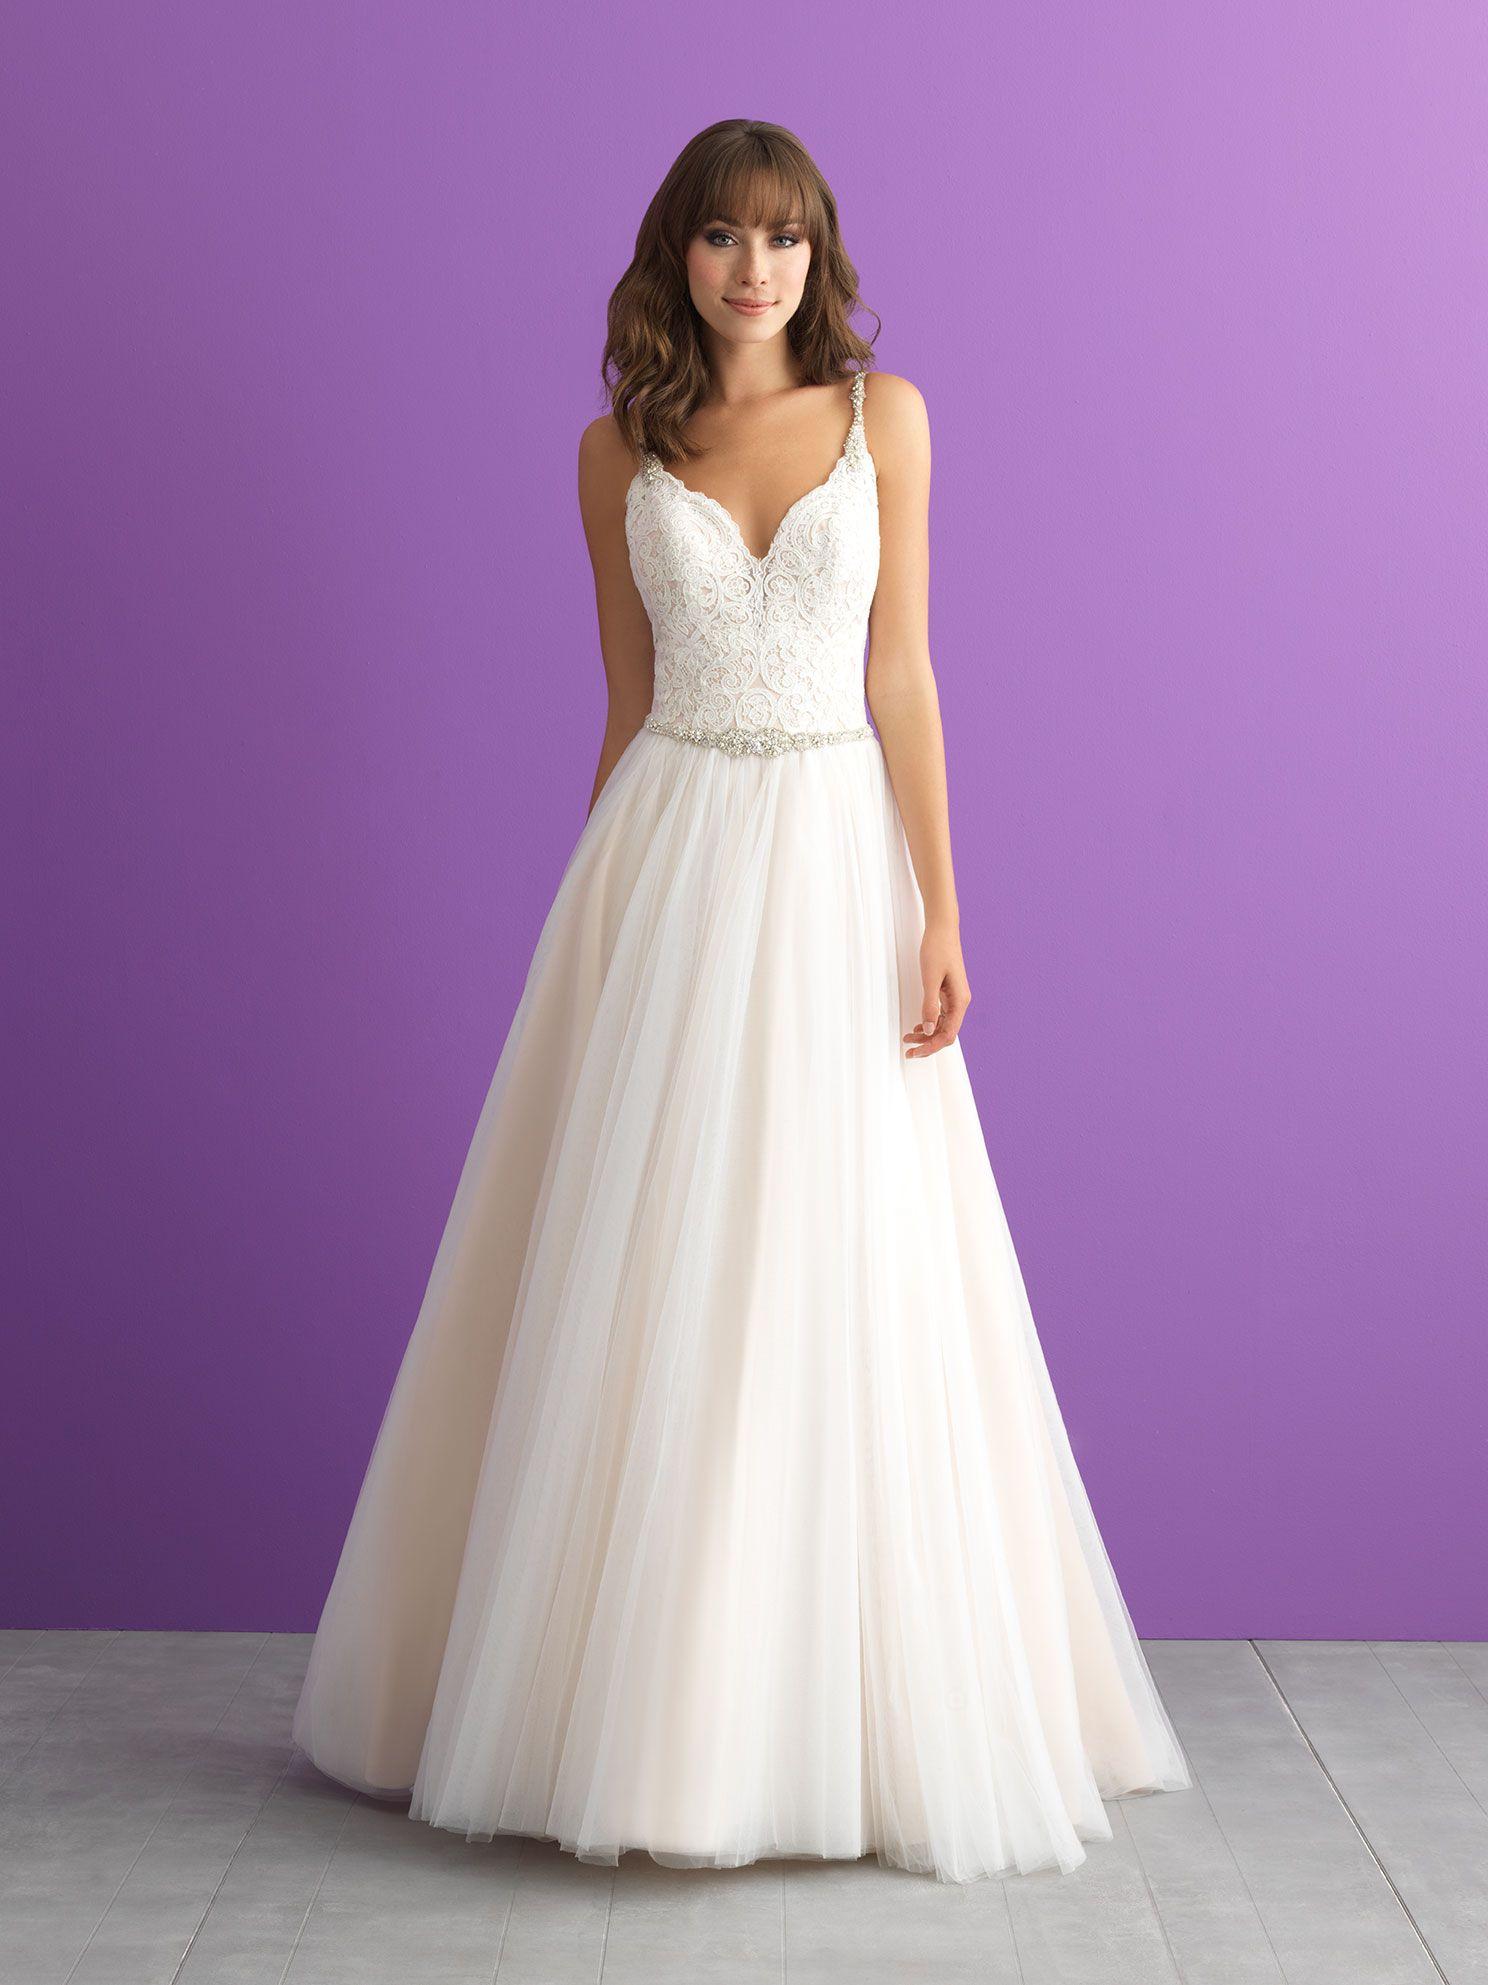 Vestido de novia silueta natural con brillos - Alquiler y Venta de ...